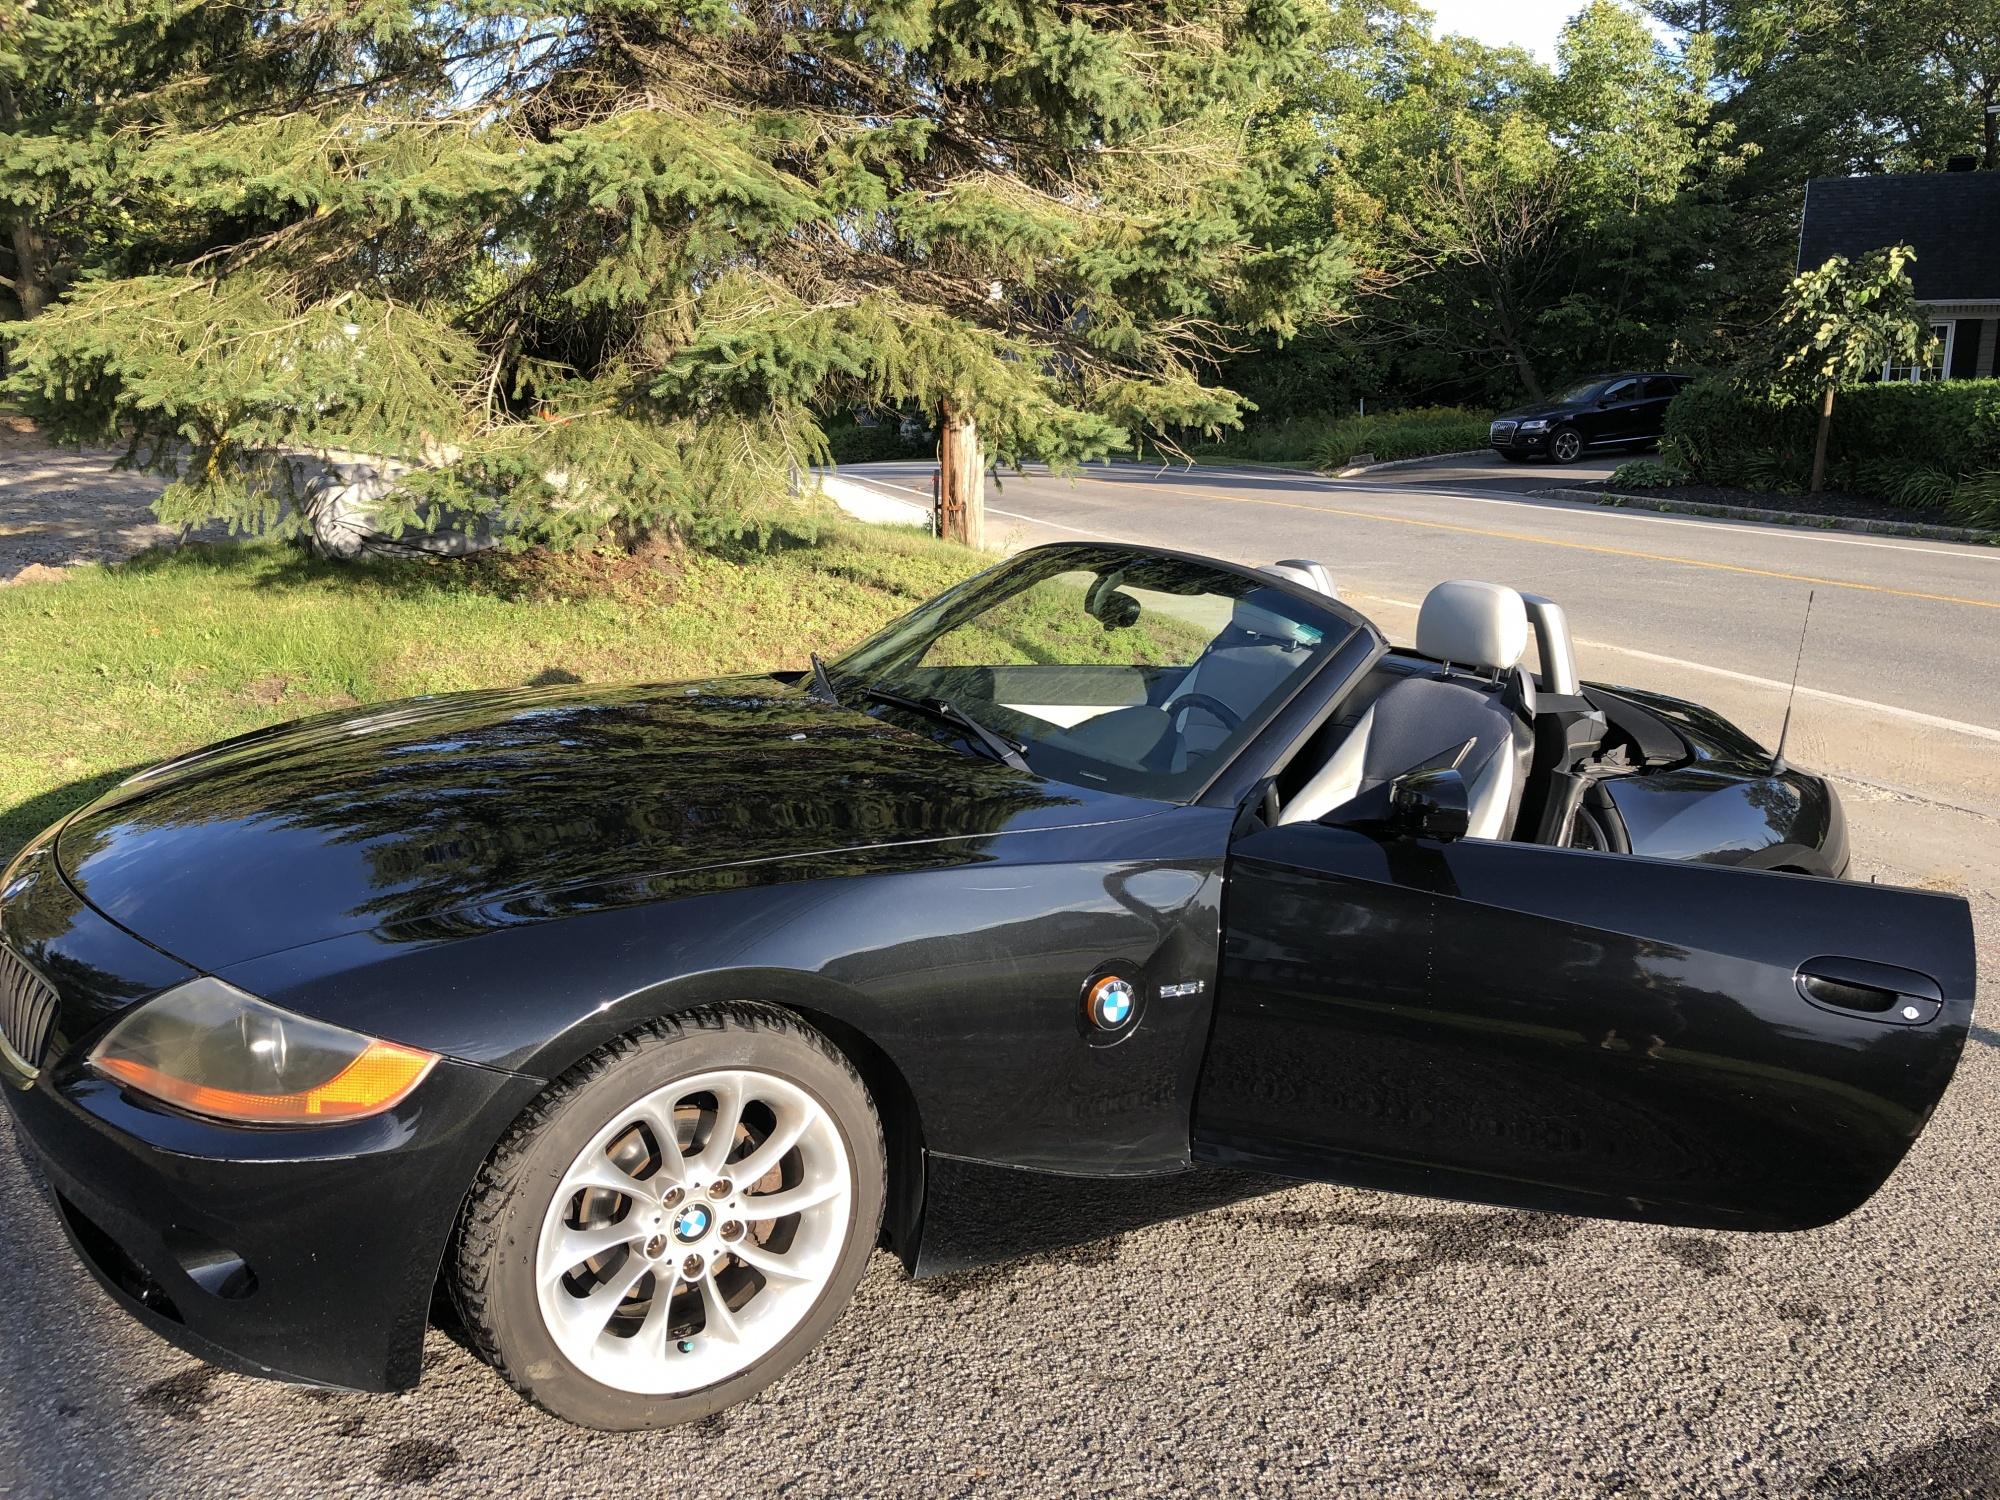 BMW Z4 - Photo 19-09-09 17 44 30